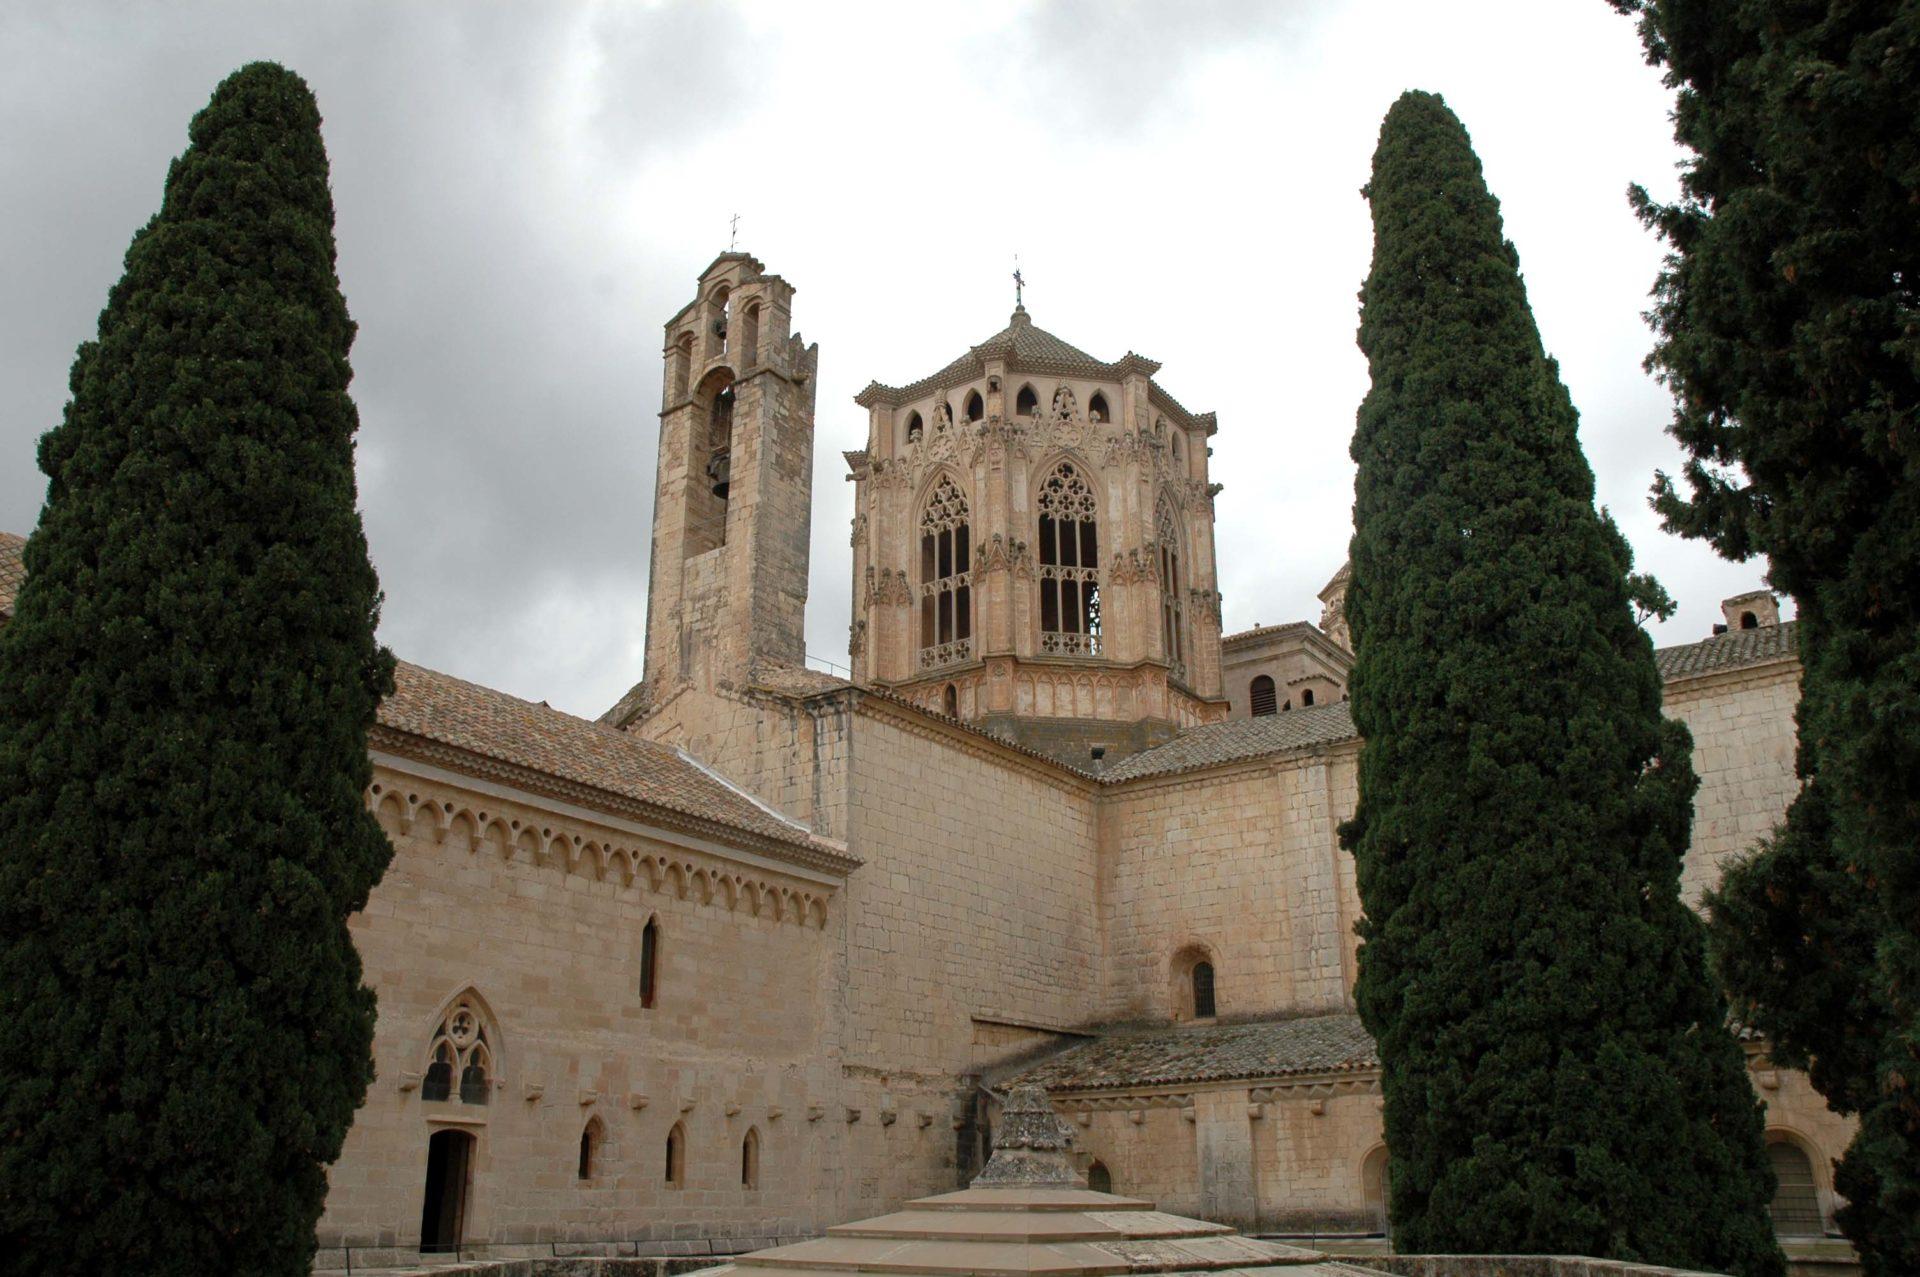 visita monastero di poblet da barcellona